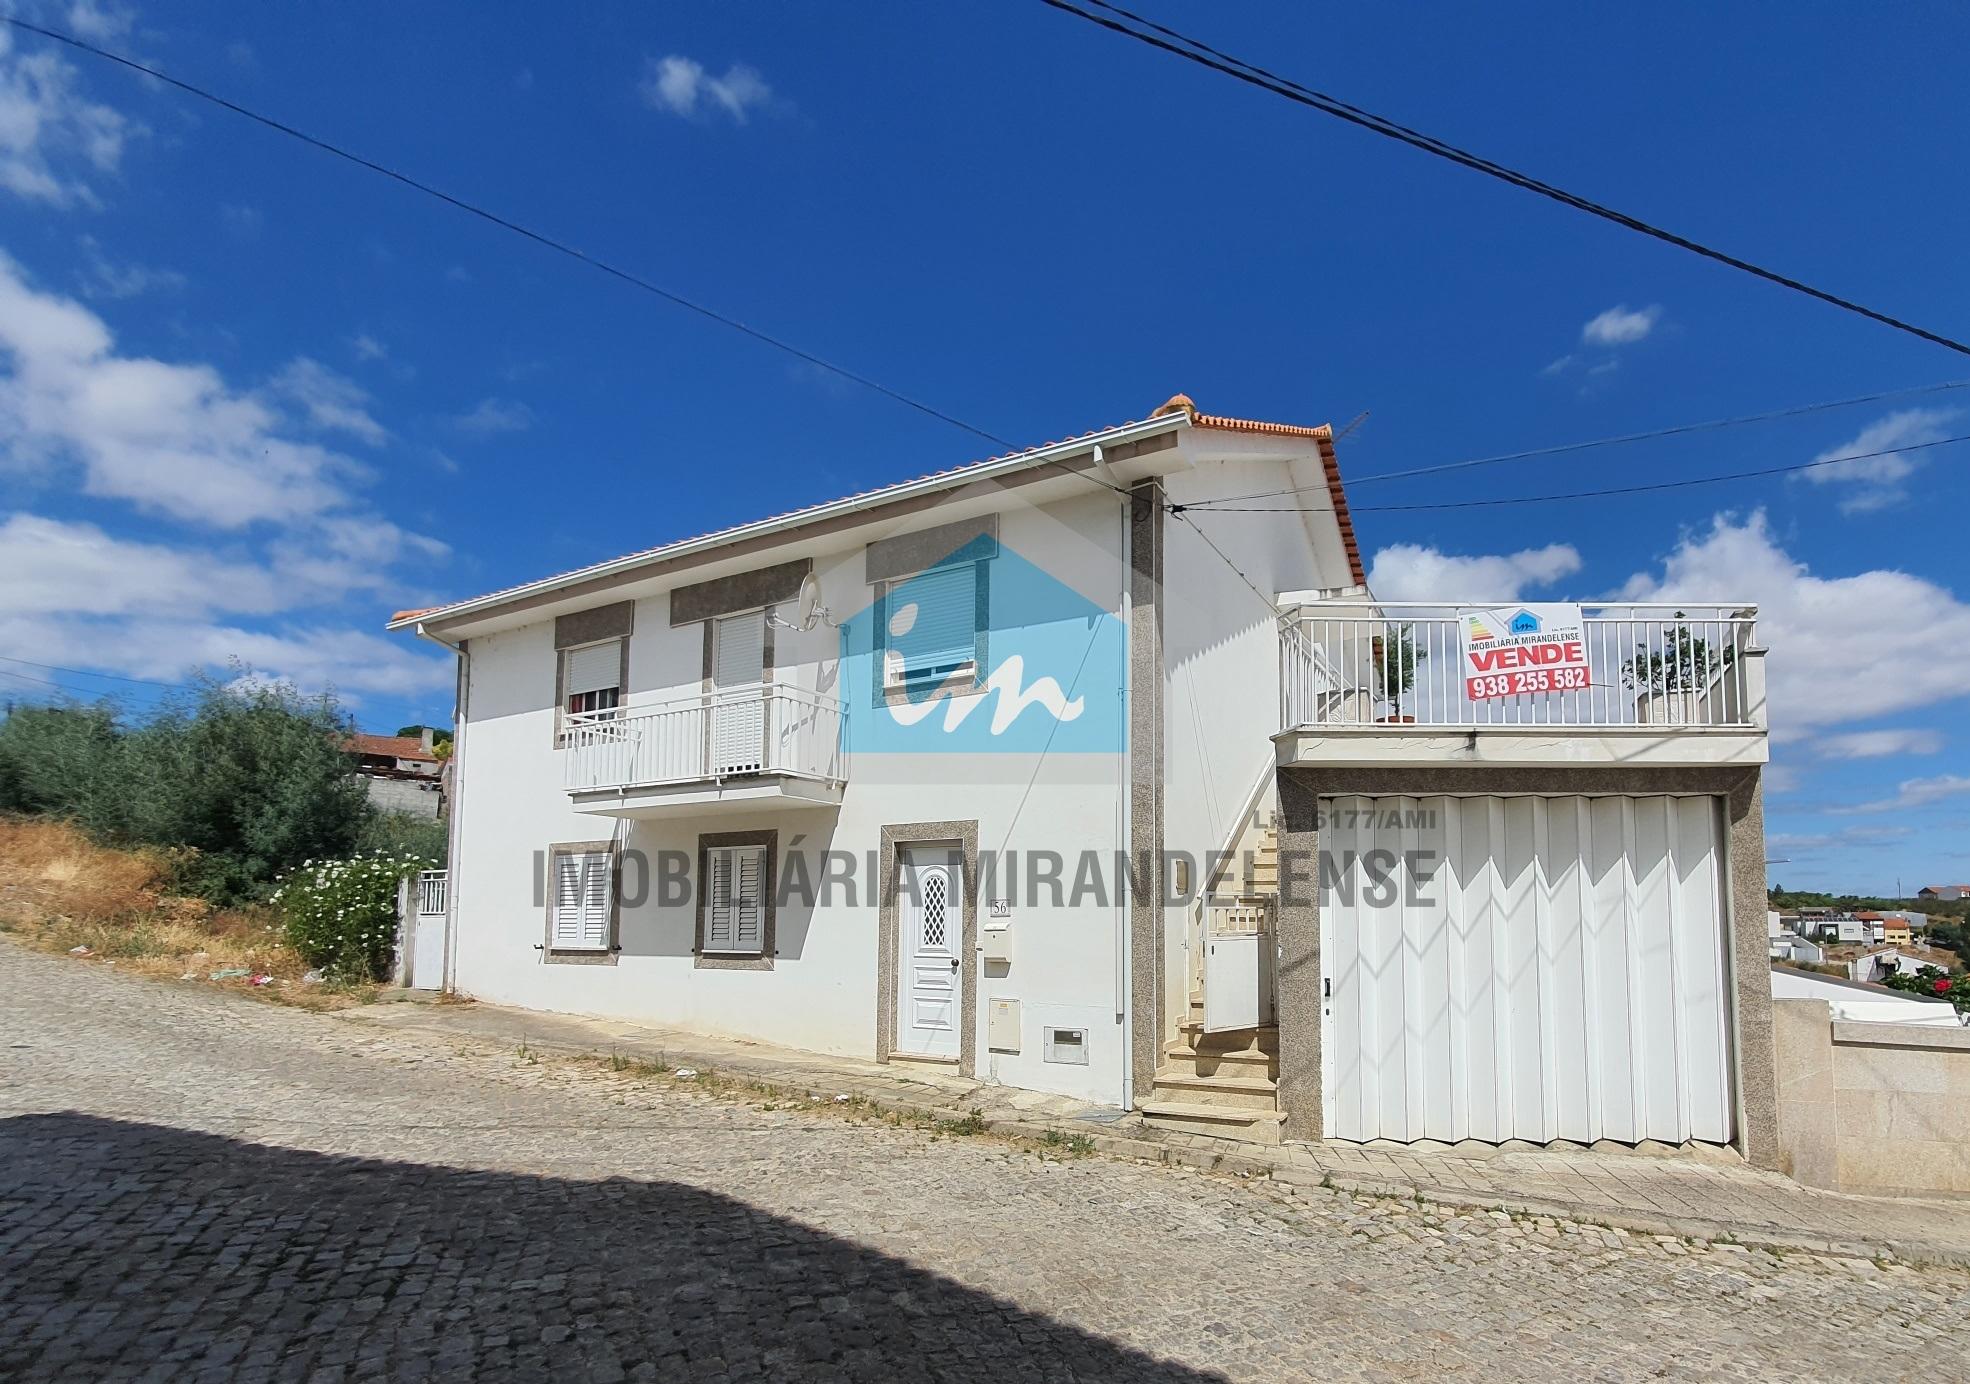 Moradia V5 para venda composta por 2 apartamentos